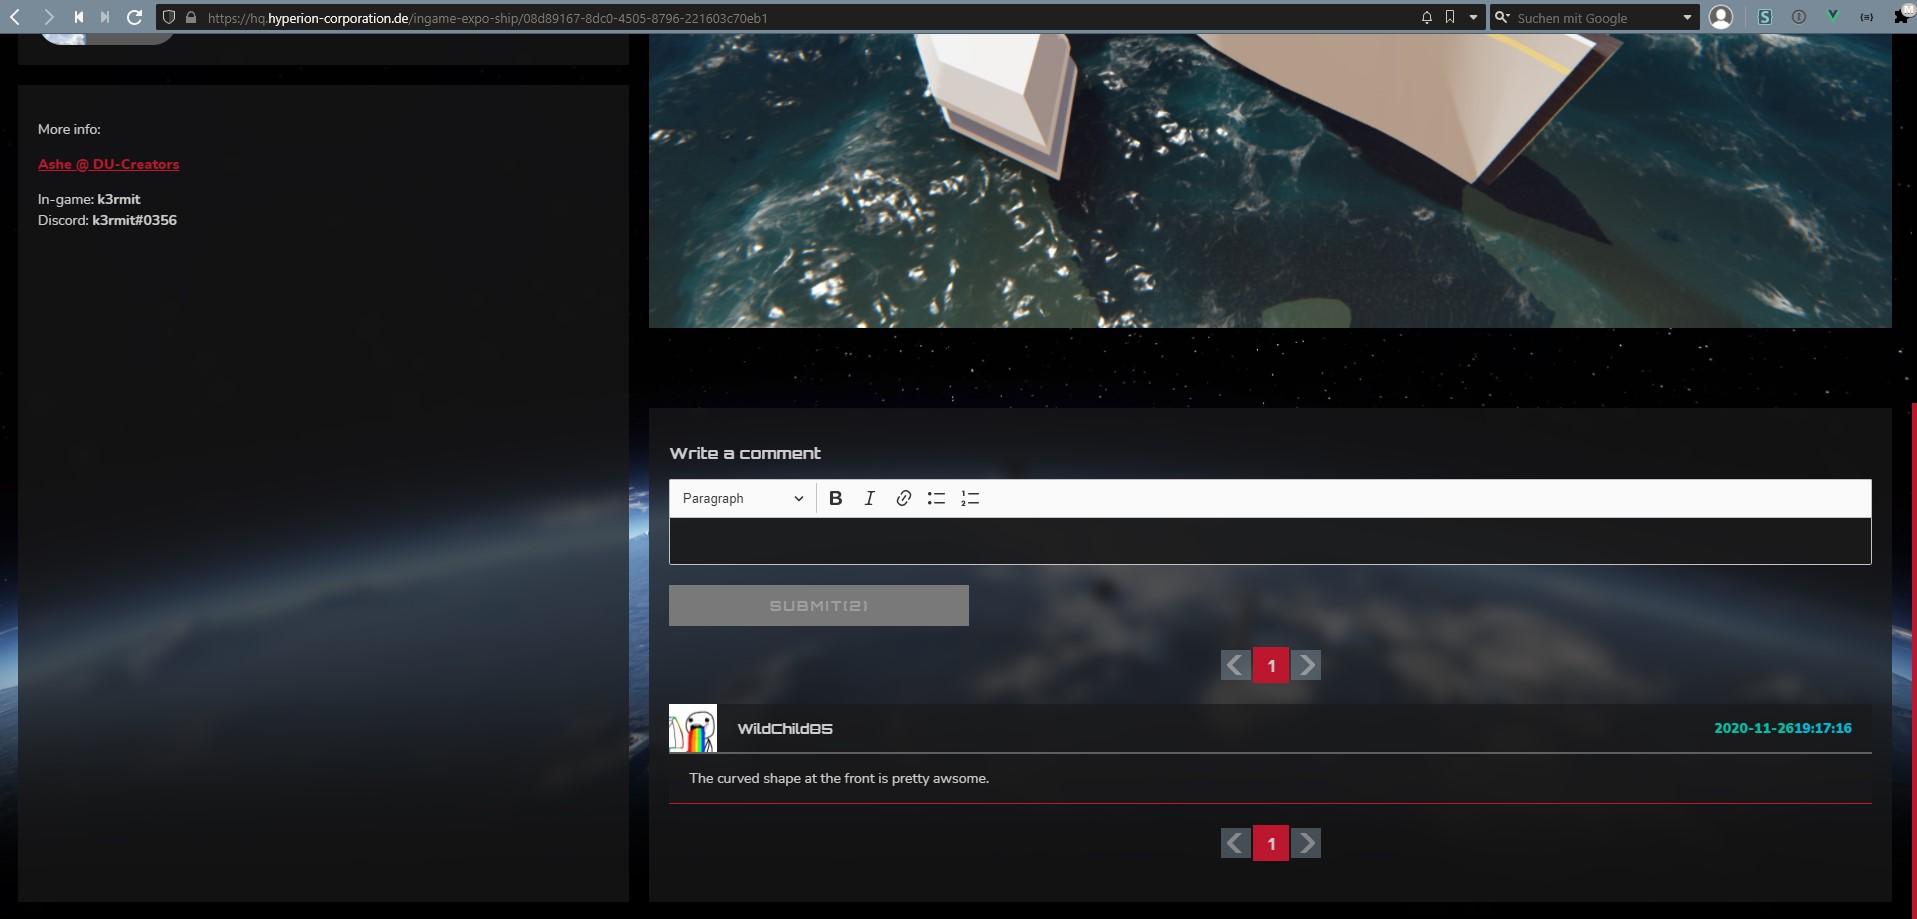 Screenshot_2020-11-26_191735.jpg